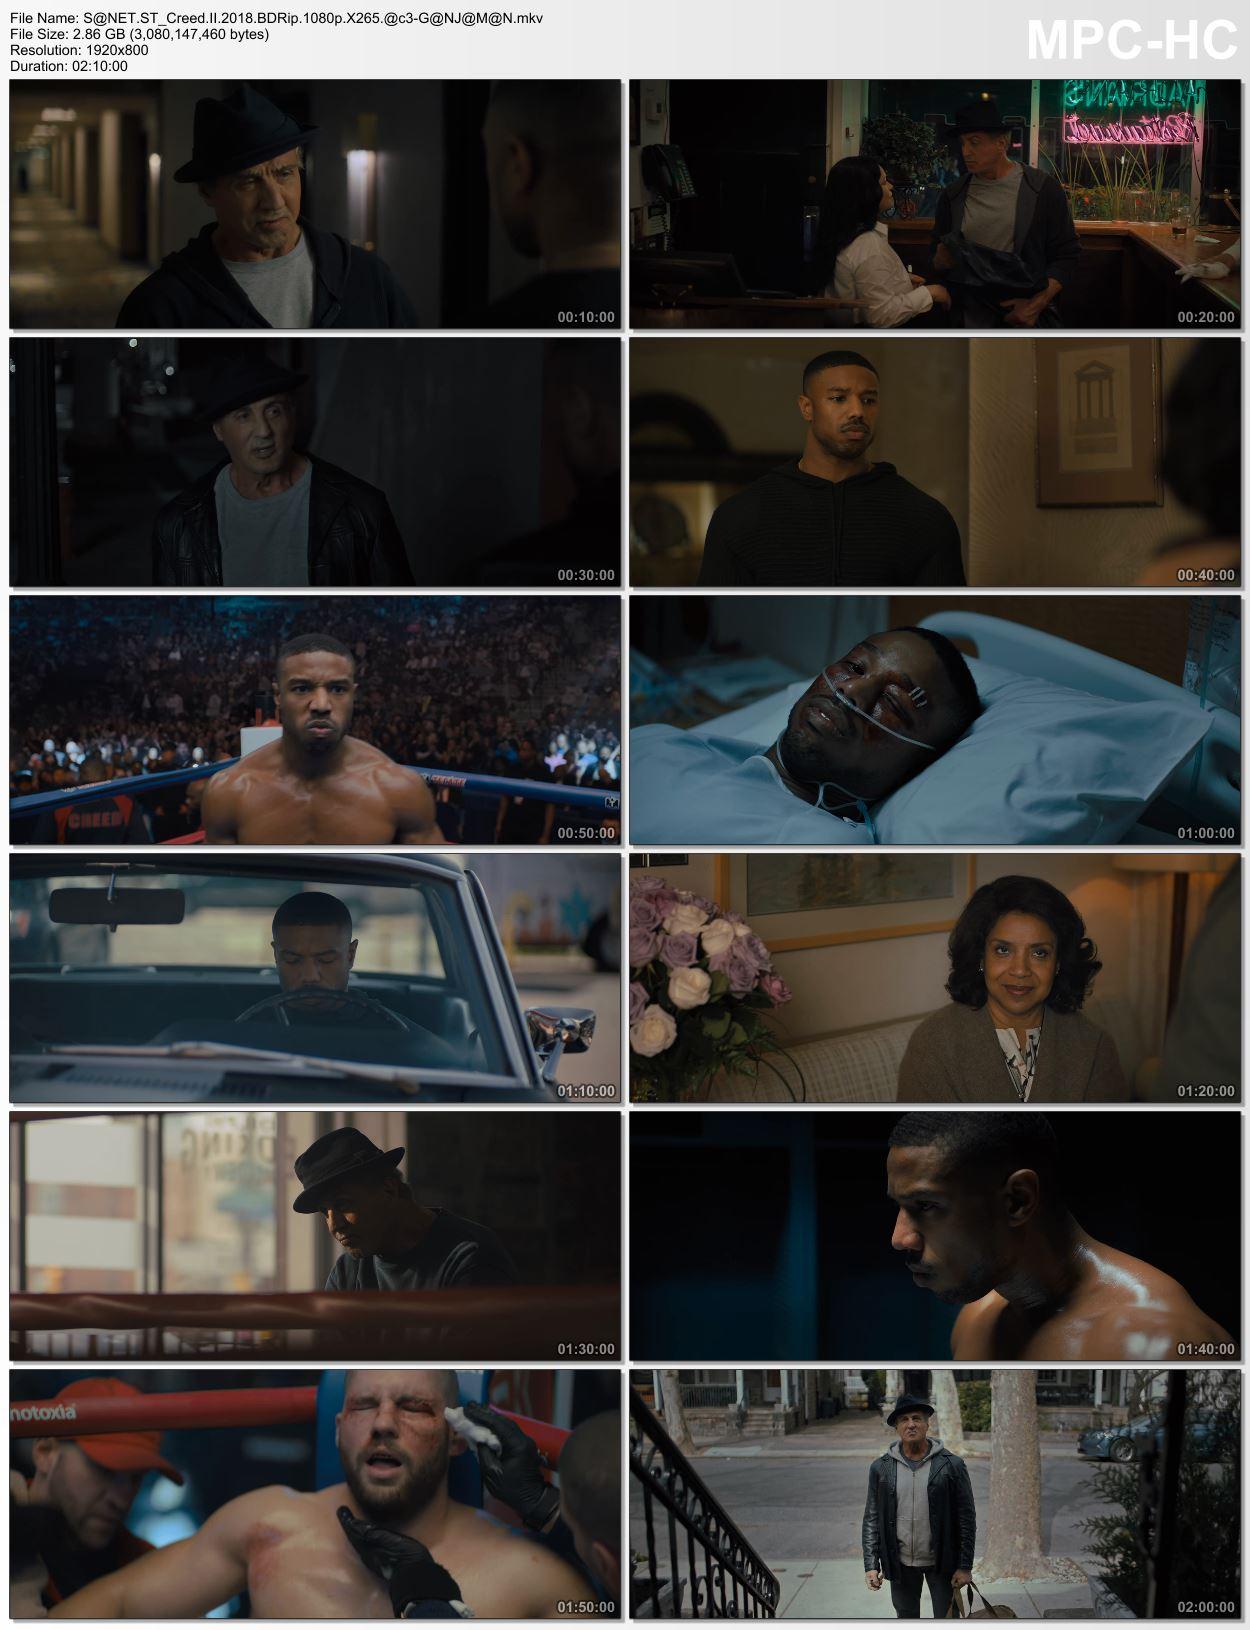 Creed II 2018 2 دانلود فیلم دیدنی و جذاب کرید 2 با دوبله فارسی